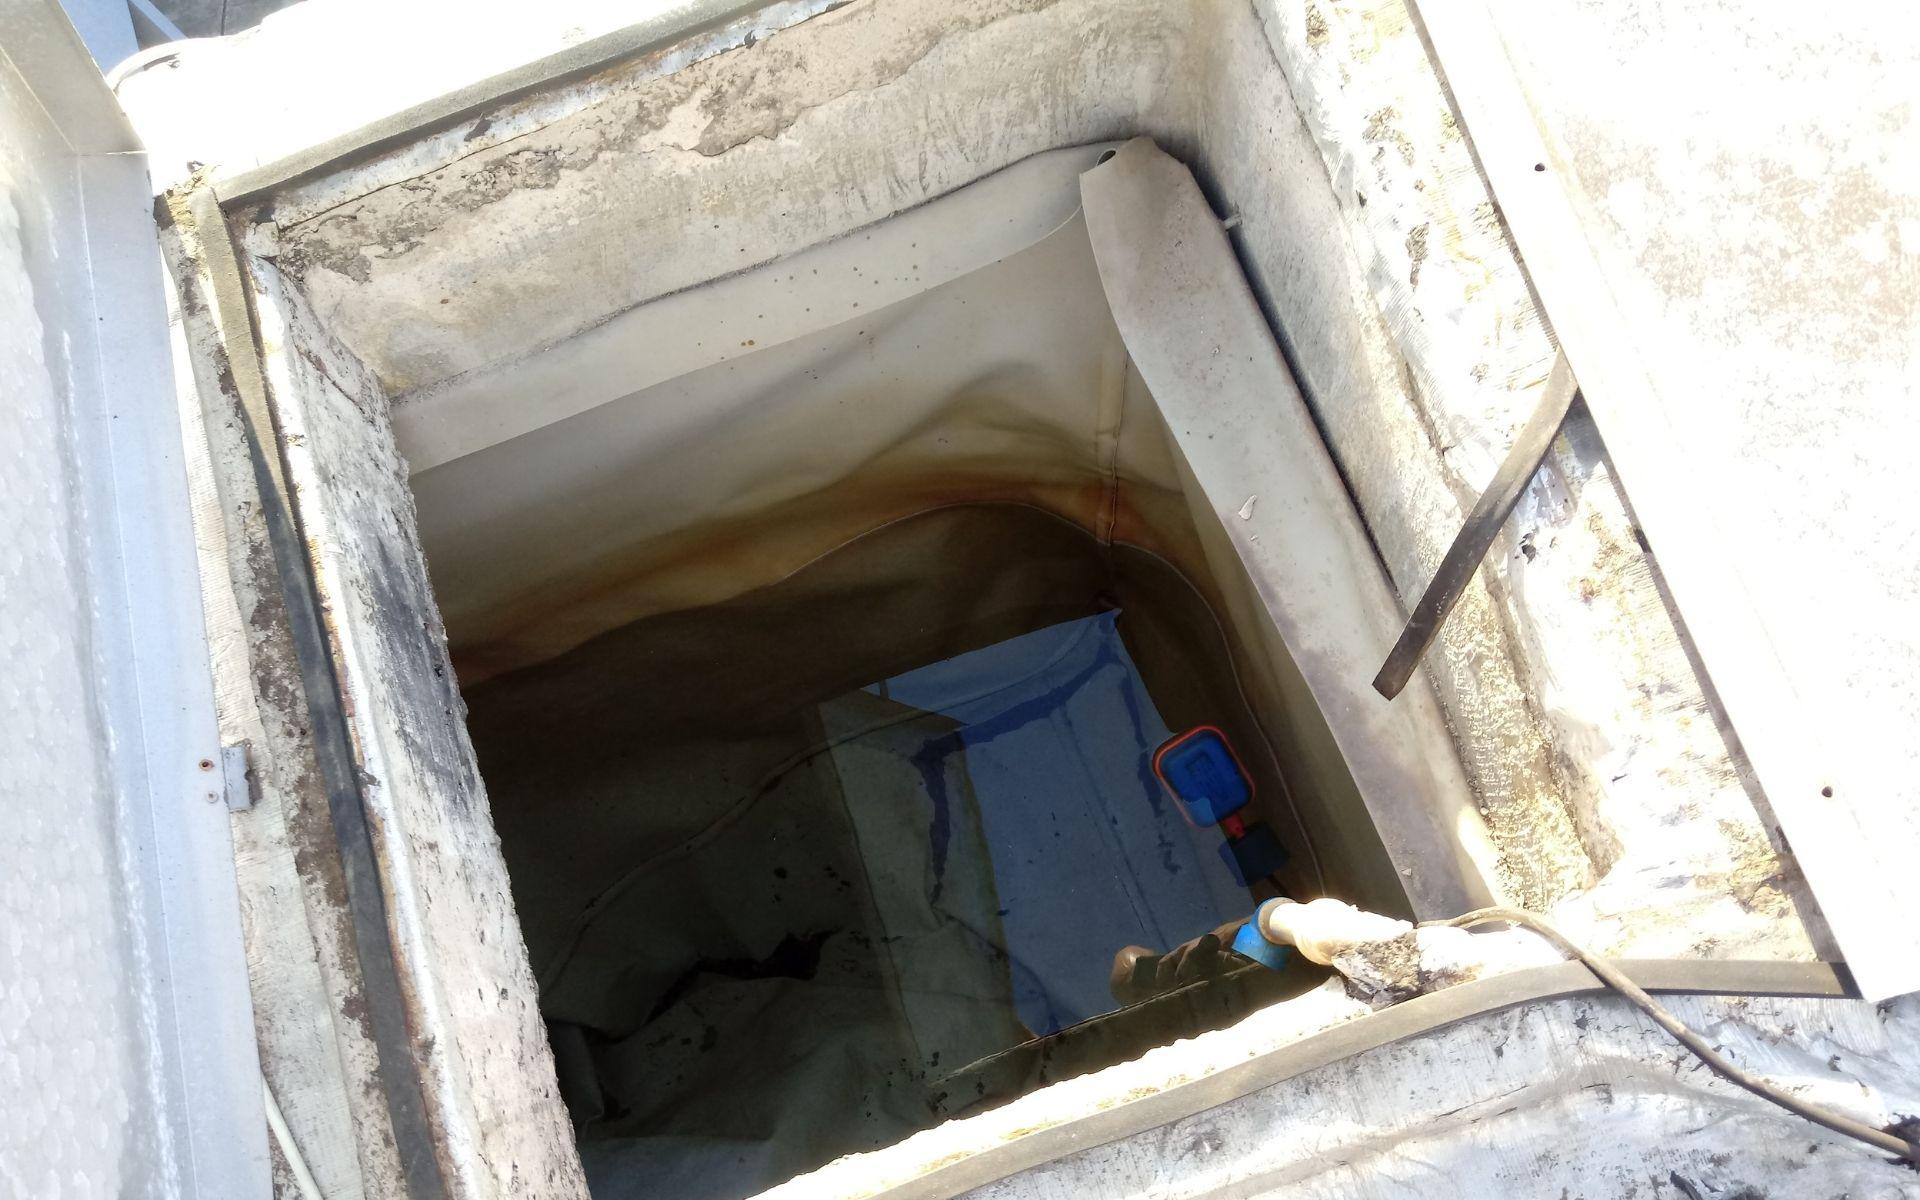 impermeabilização com vinil em reservatório caixa d'água